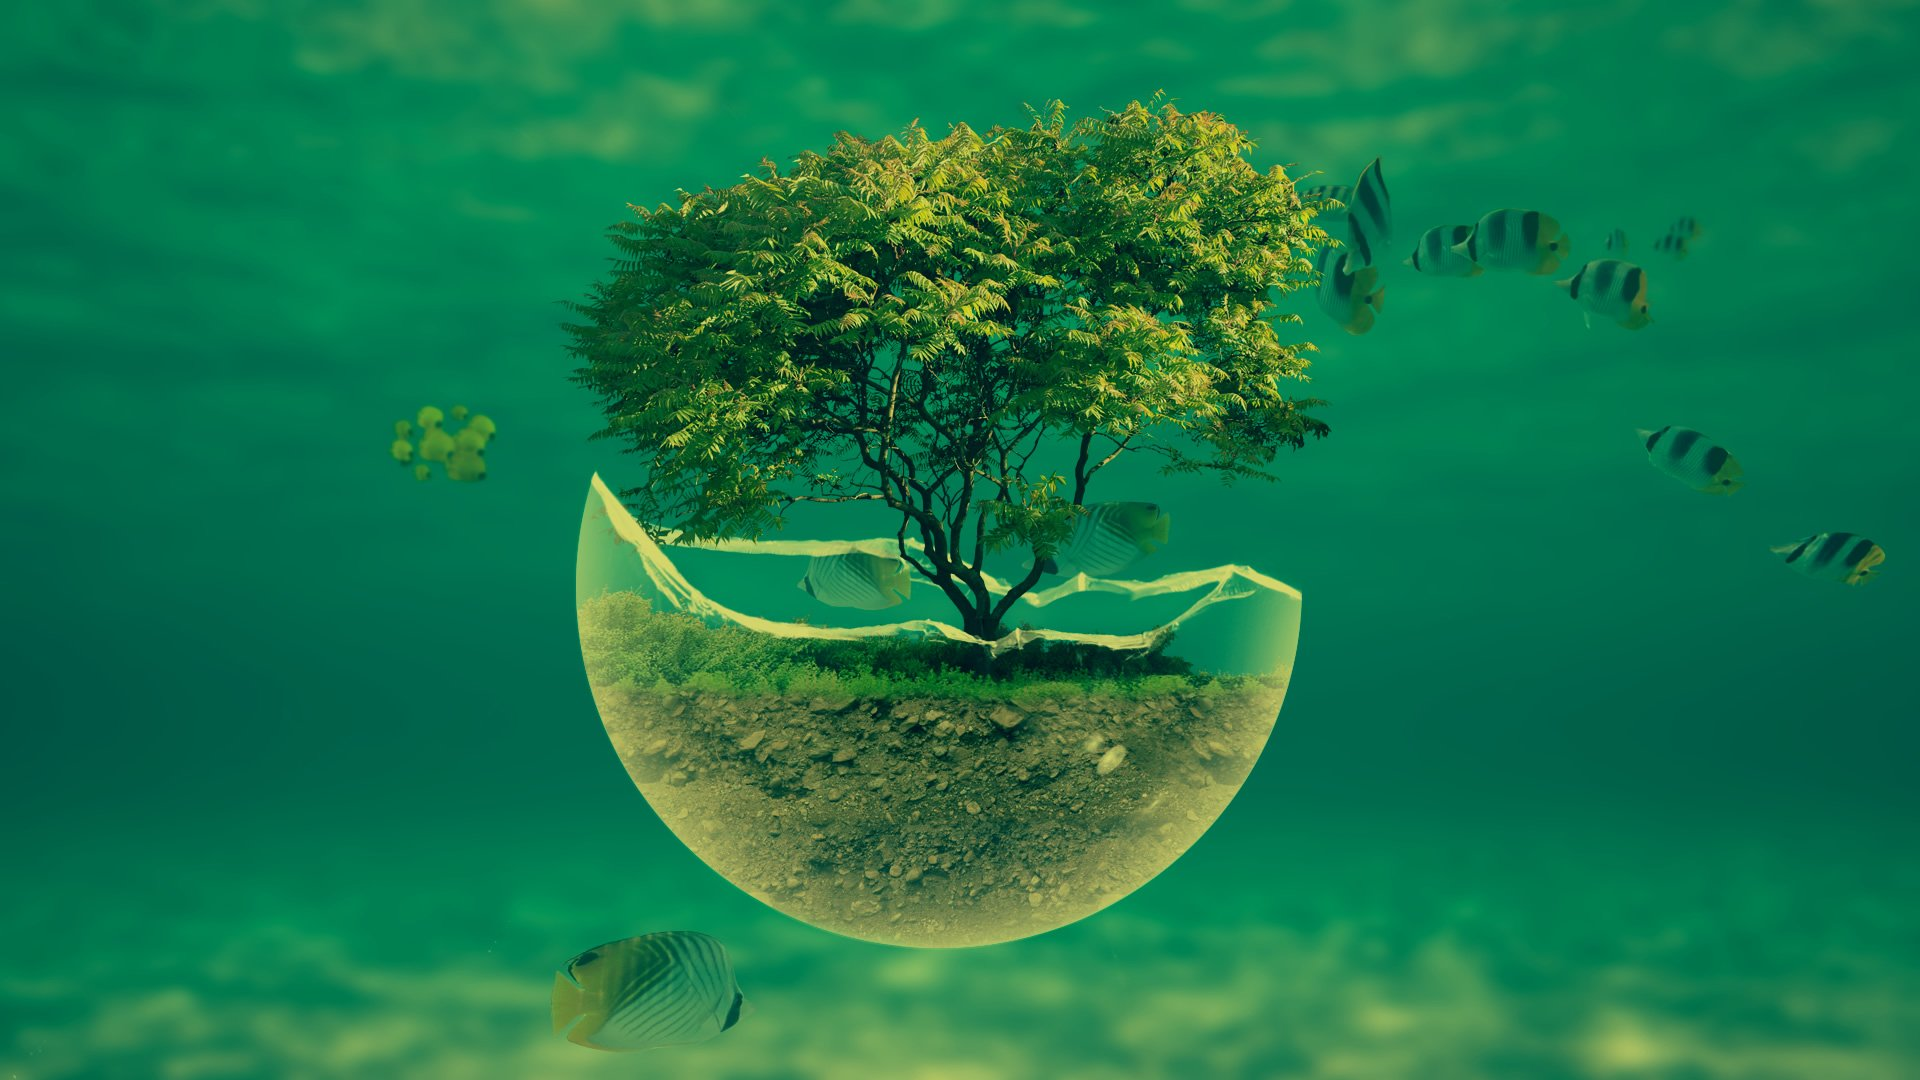 1920x1080-underwater-tree-widescreen-hd-abstract-desktop-wallpaper